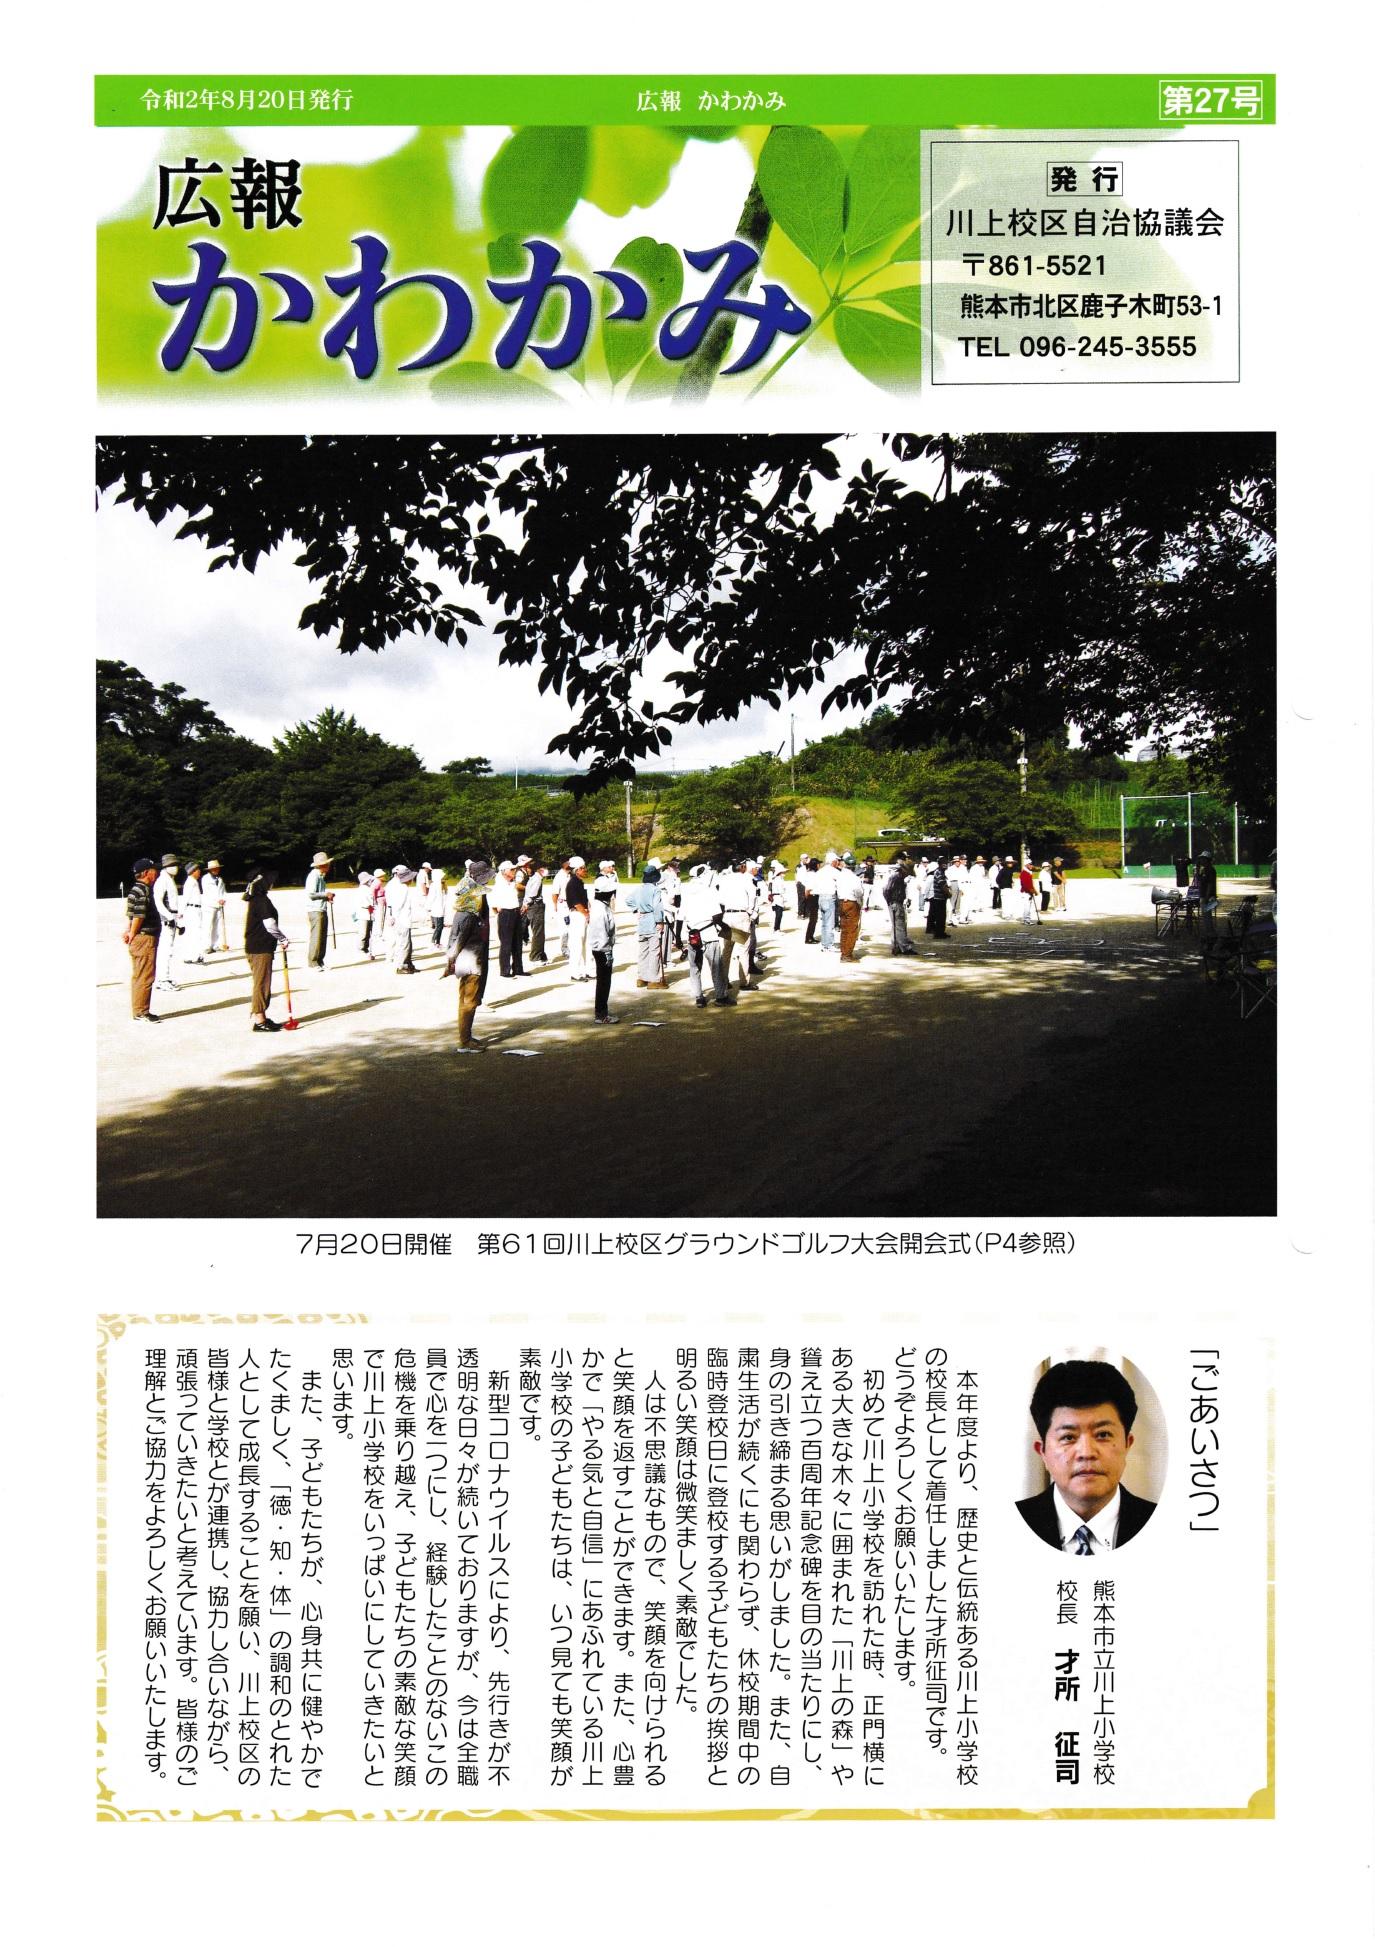 広報かわかみ(令和2年8月20日発行)